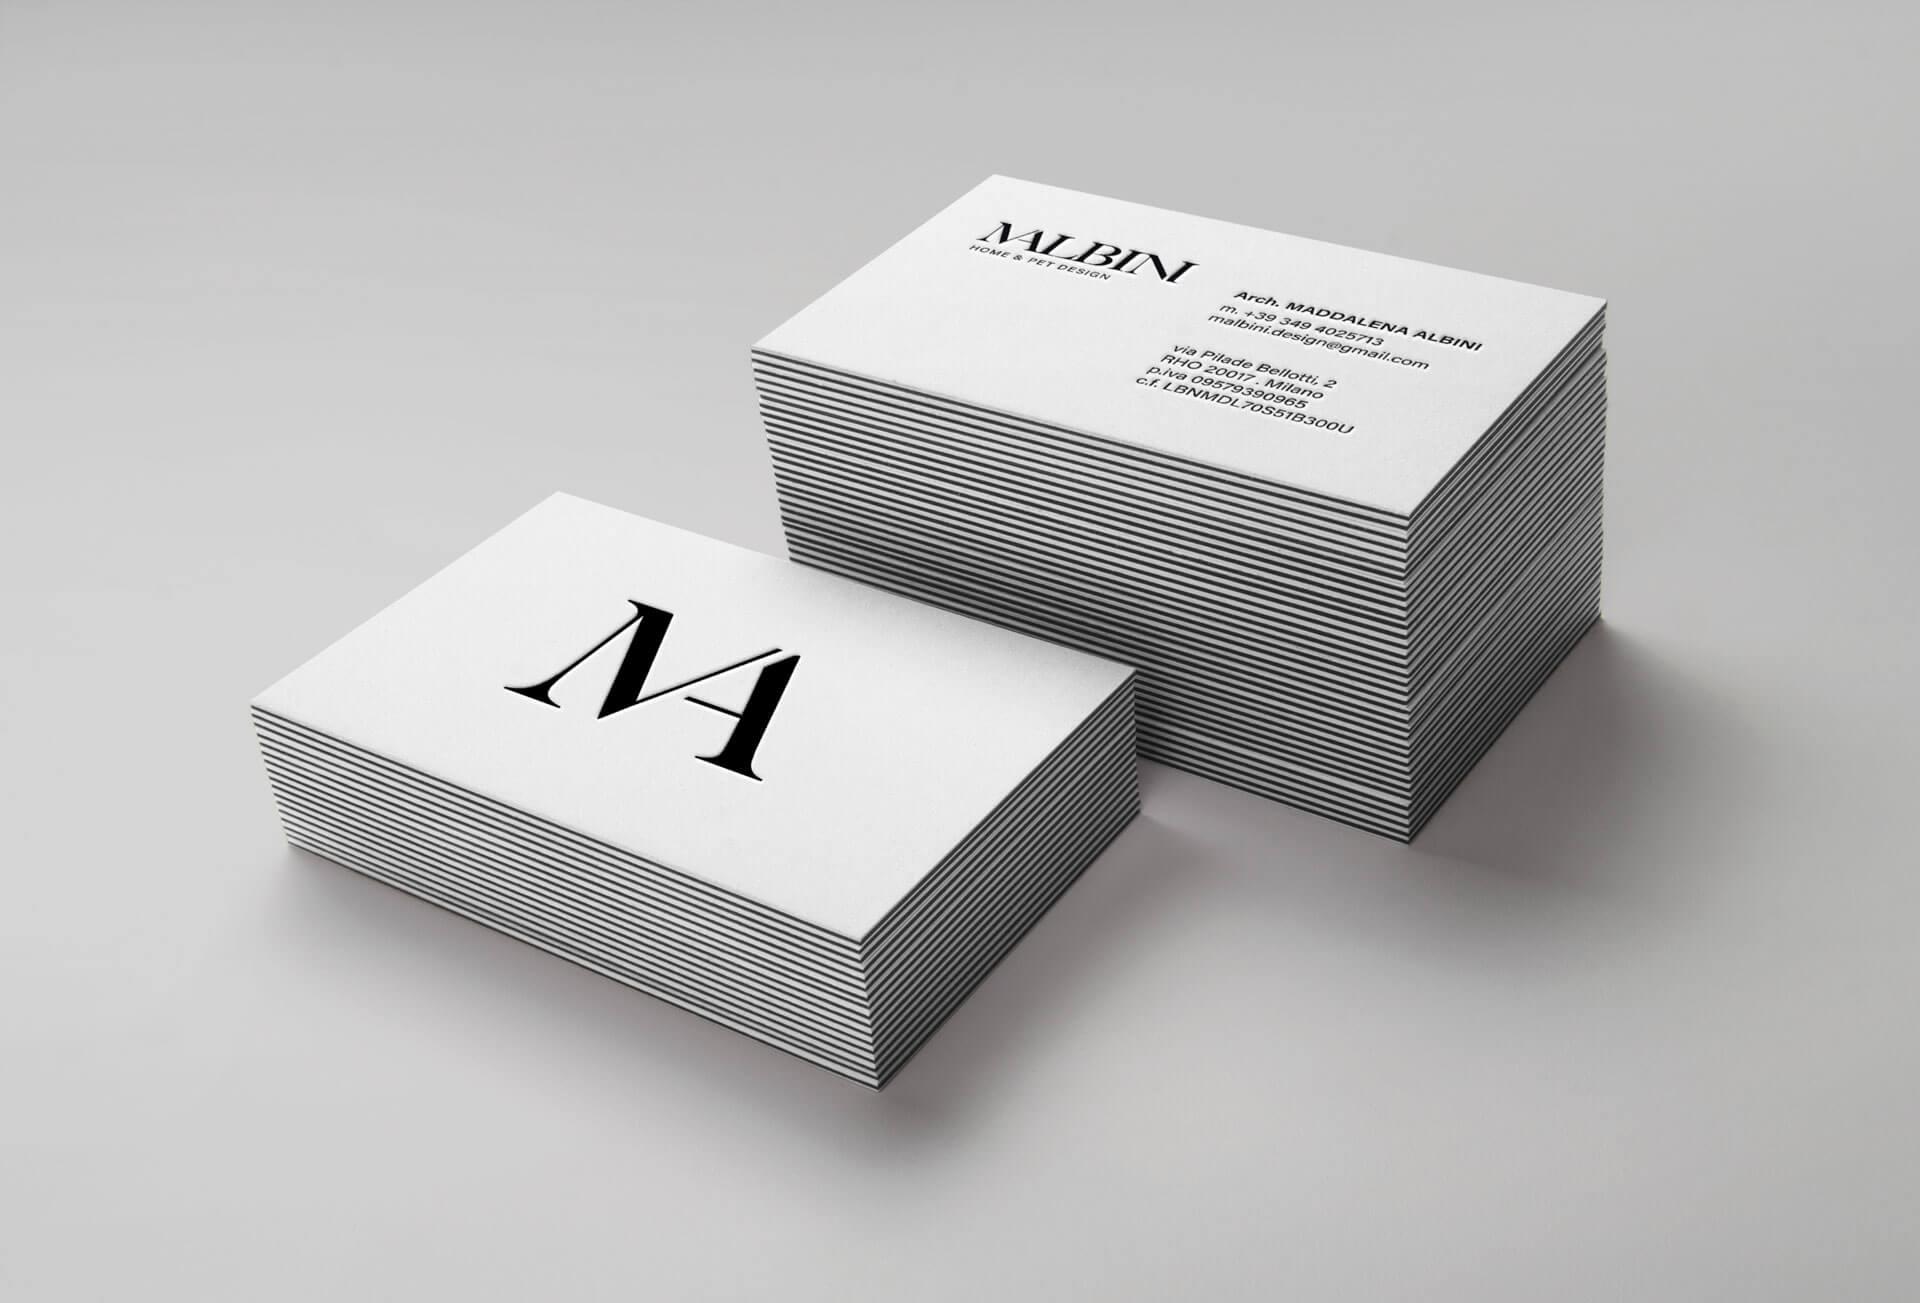 Malbini-logo-design-visitcard